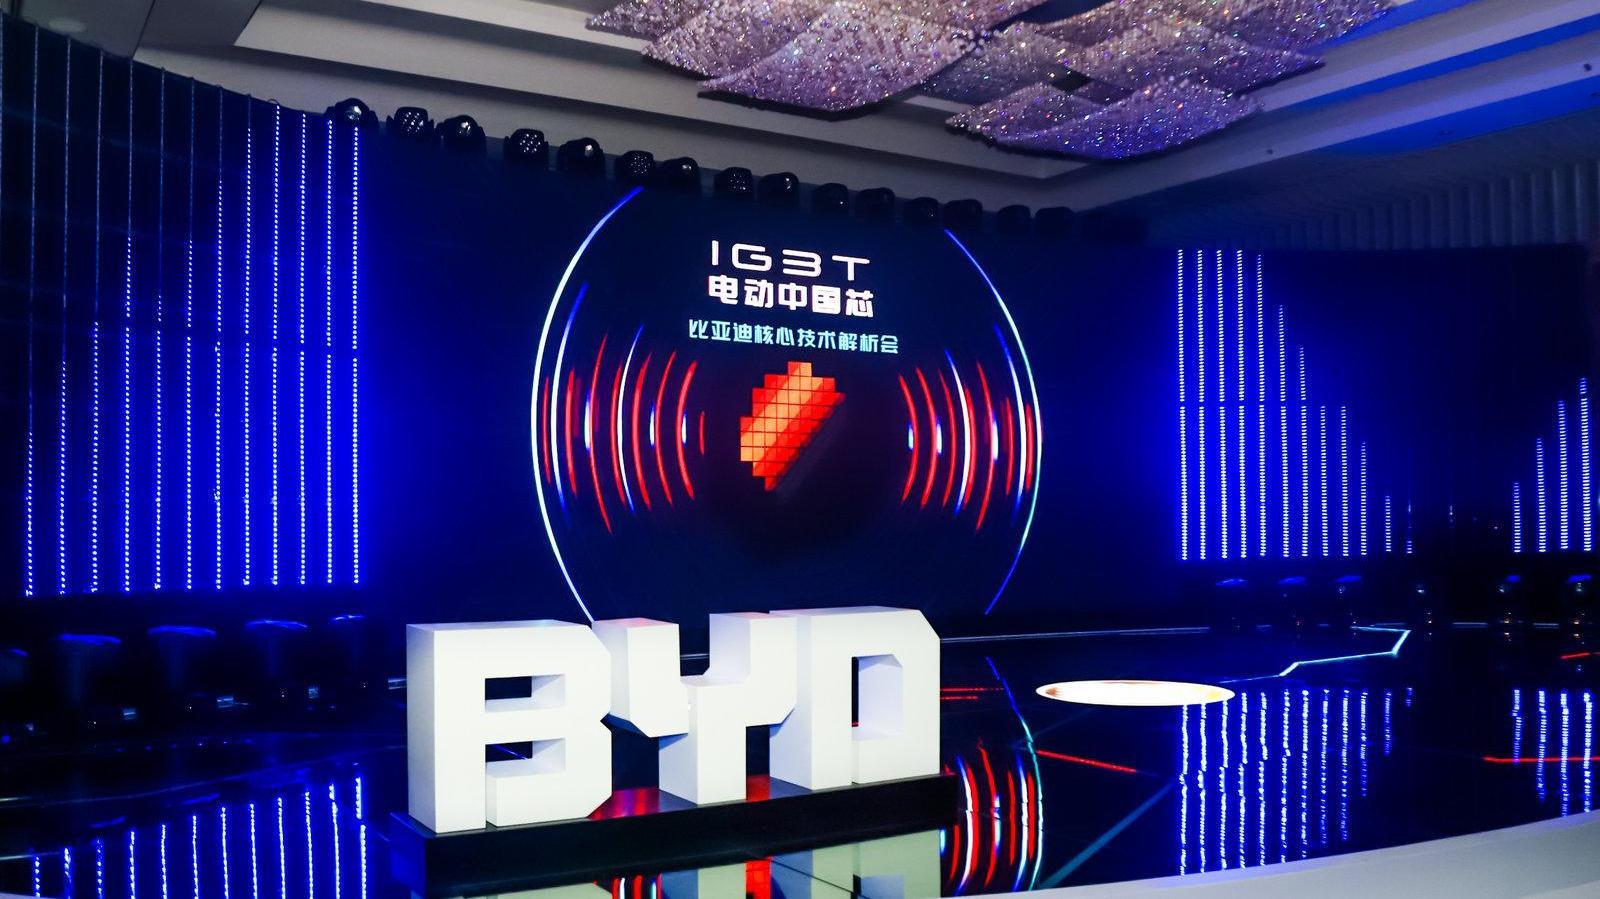 中国又一芯片自研成功,打破德、日垄断局面,西方或将损失万亿